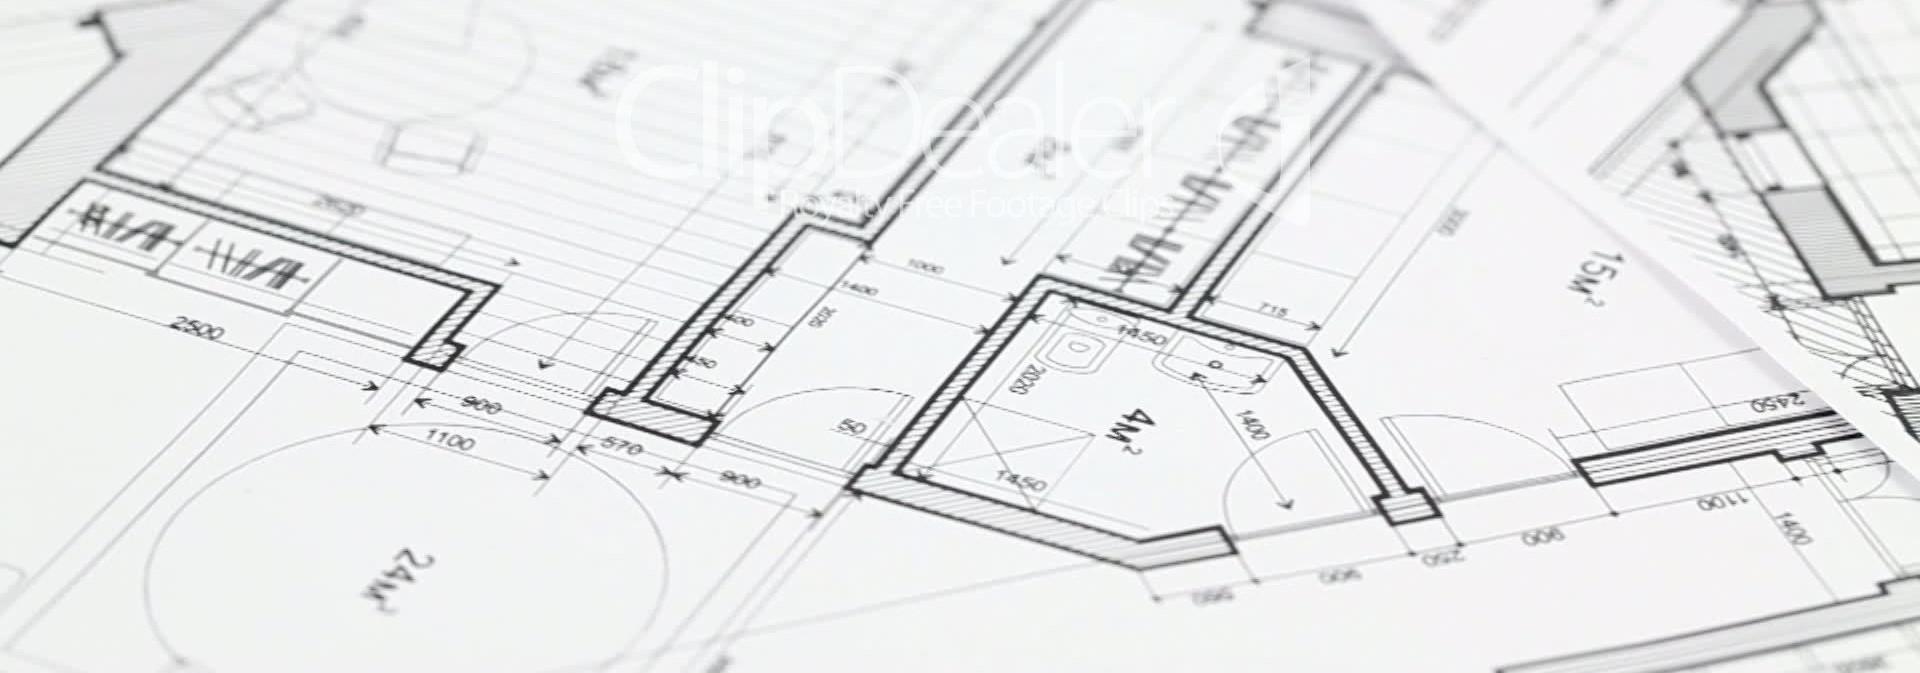 Arquitecto Mauricio Pedra - Construcciones MP